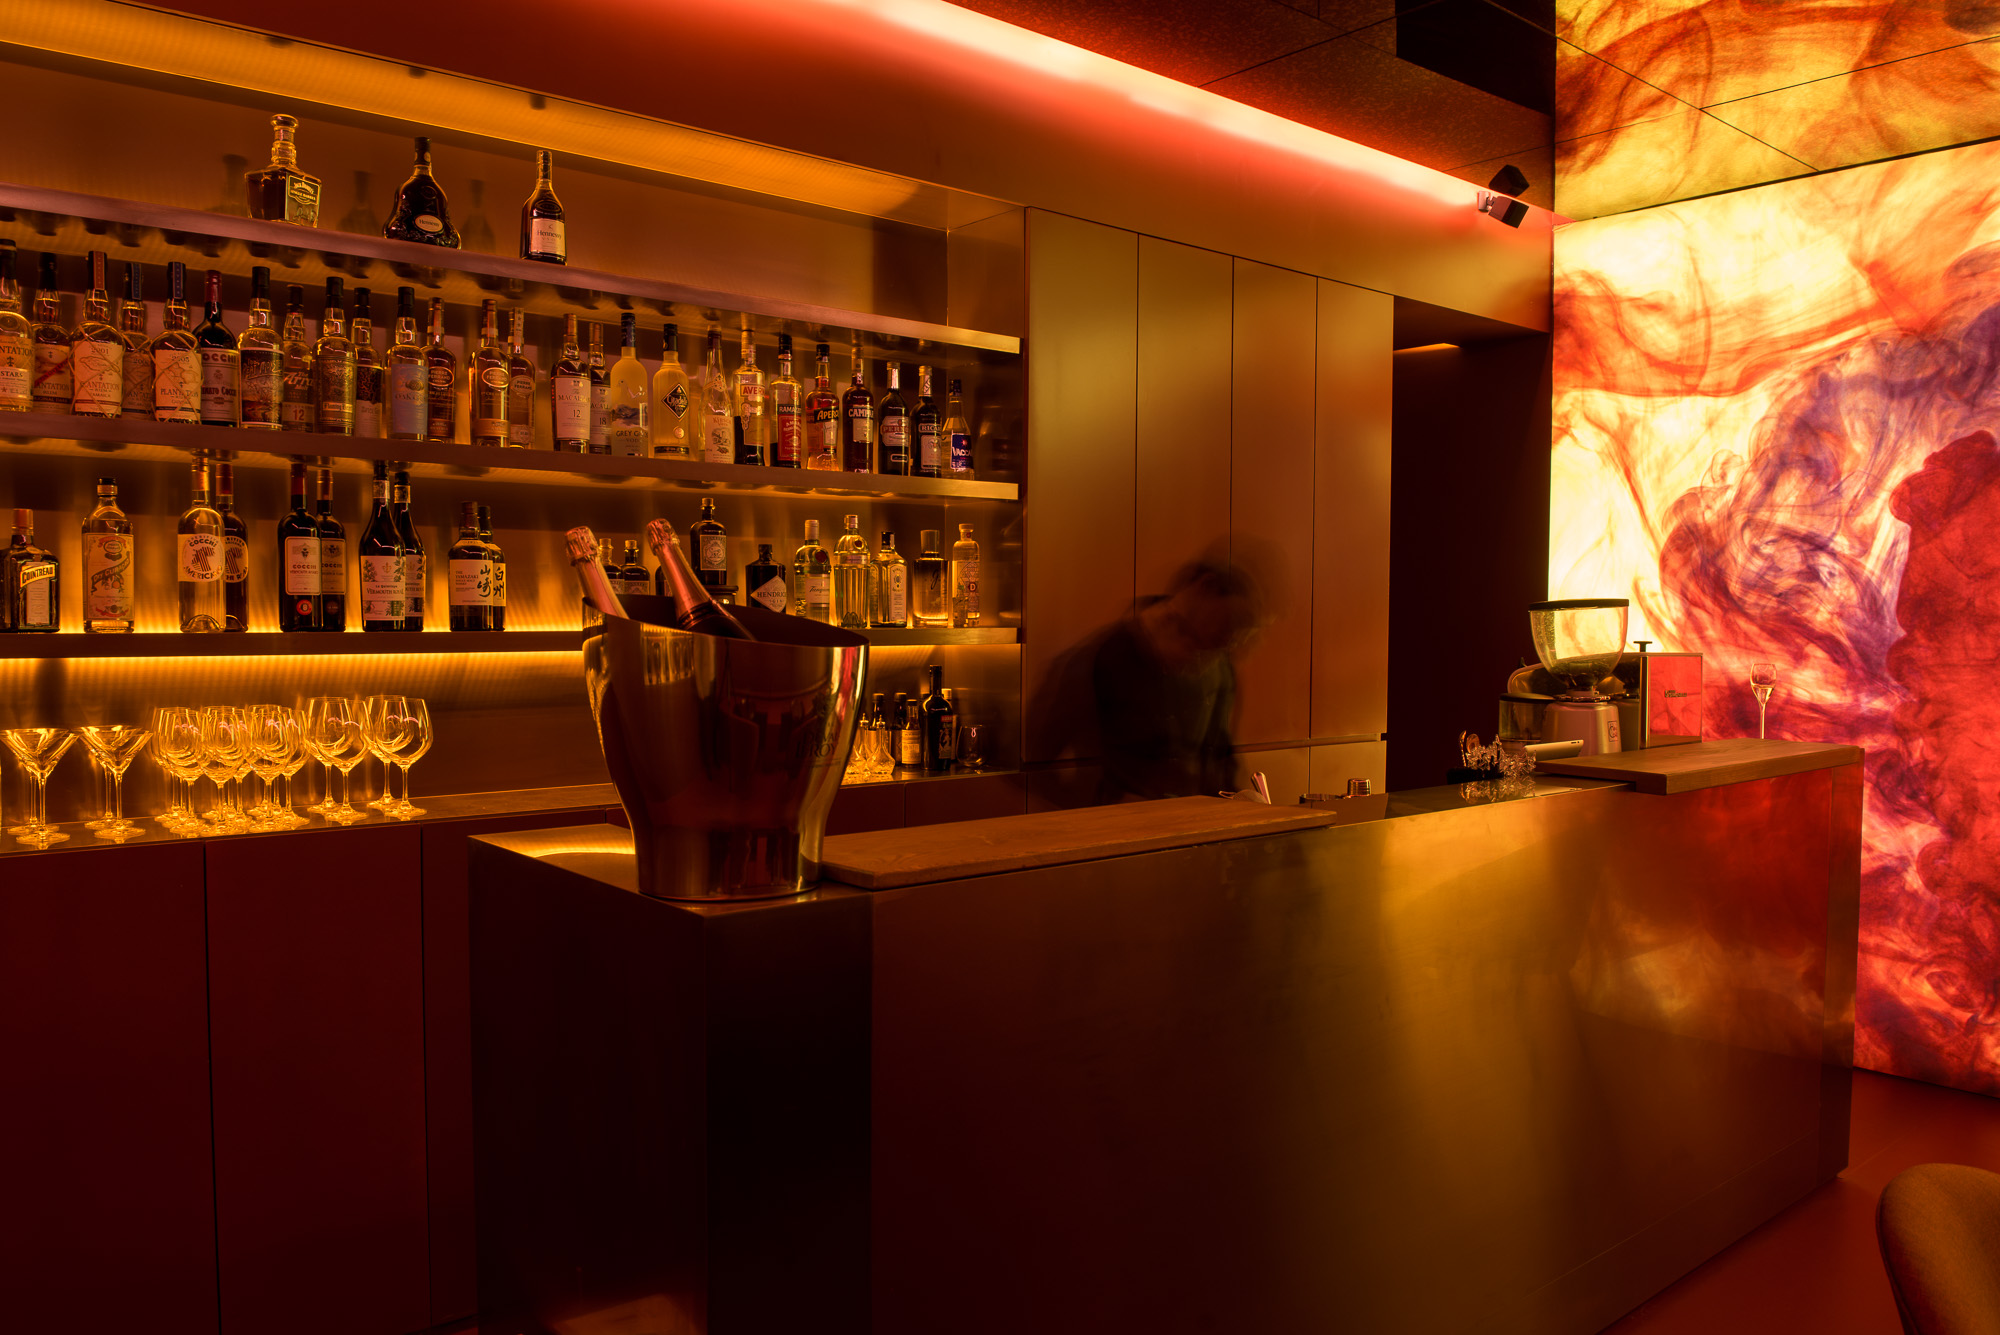 Restaurante de Xangai com estrela Michelin fecha após obter a distinção